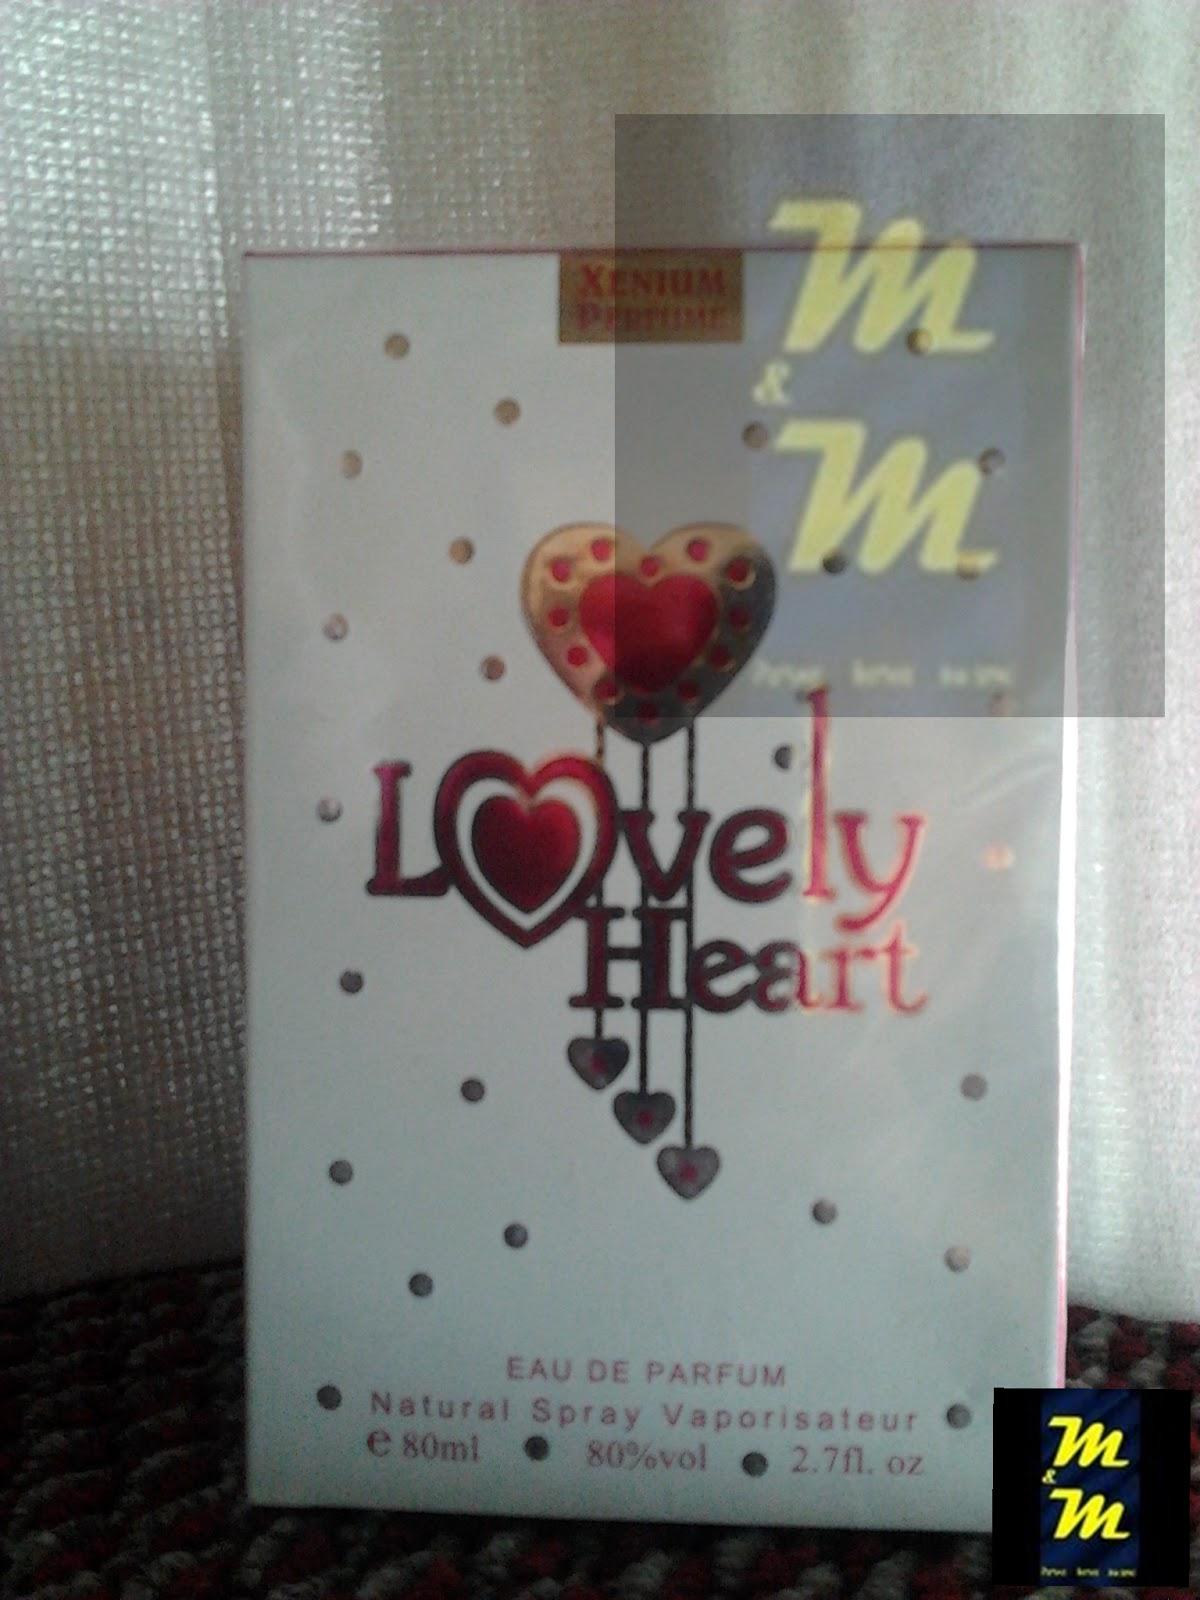 lovely heart 100ml